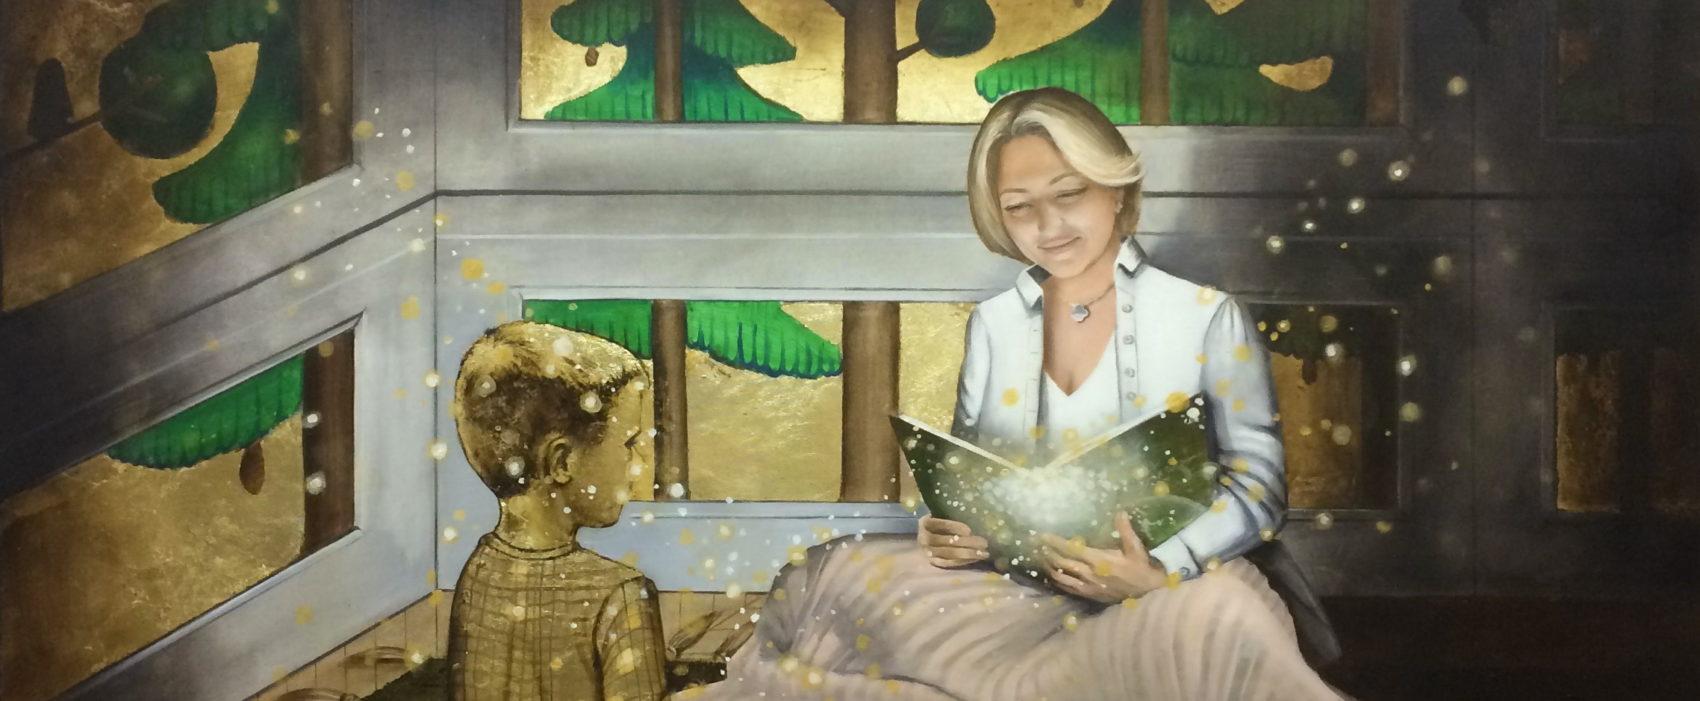 маленький принц, анна красная, горизонт, чтение, мама